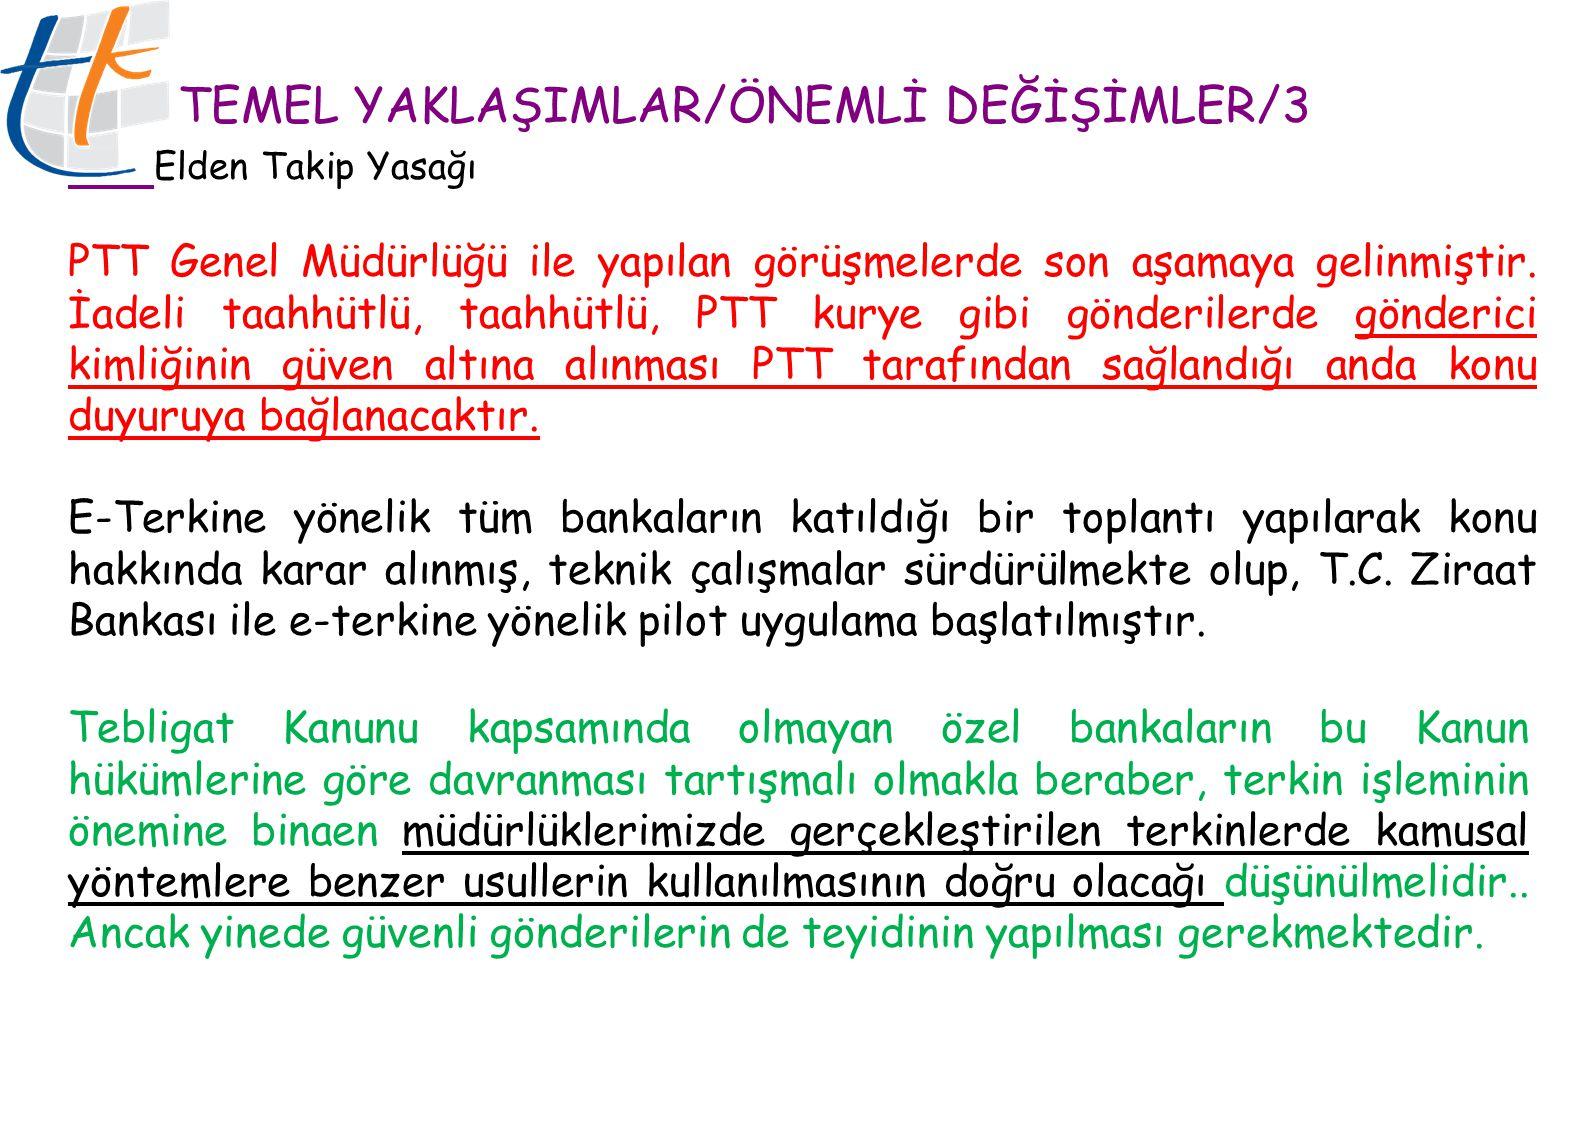 TEMEL YAKLAŞIMLAR/ÖNEMLİ DEĞİŞİMLER/3 Elden Takip Yasağı